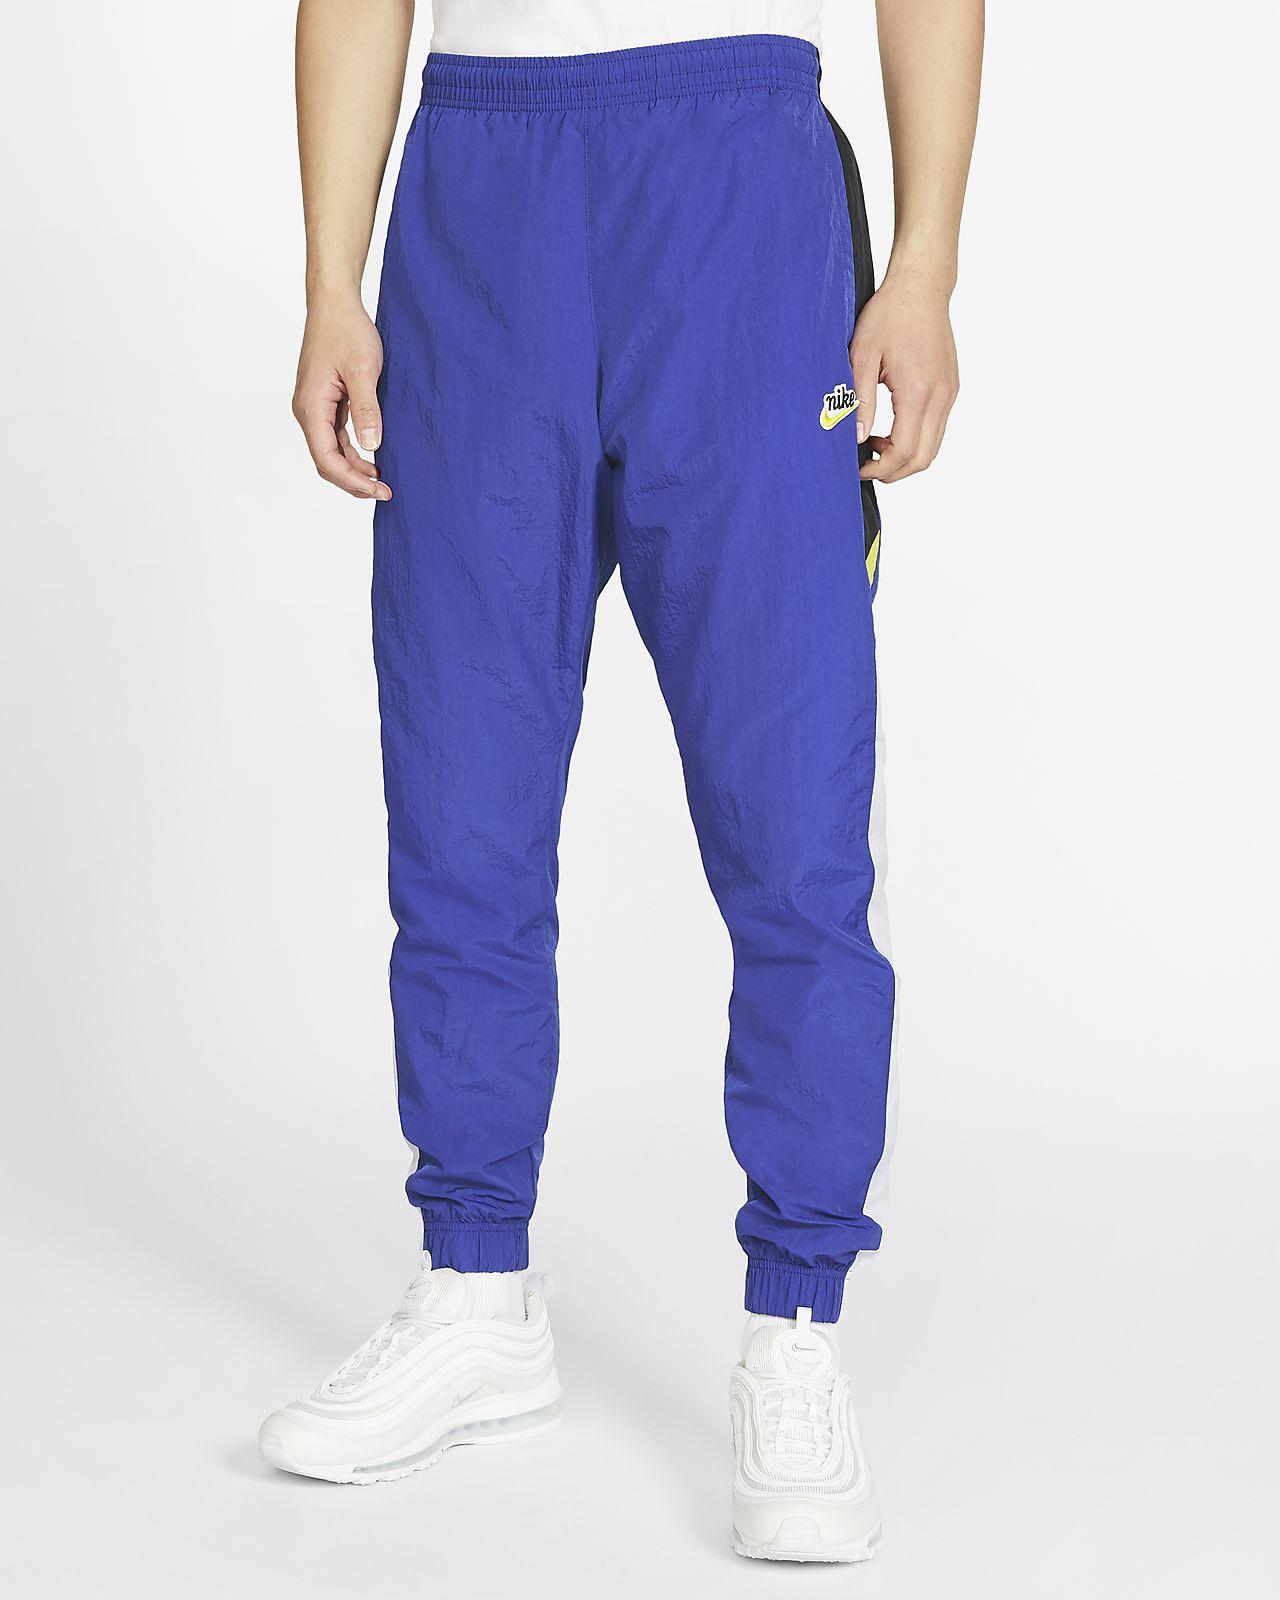 Nike Sportswear Windrunner 男子梭织长裤